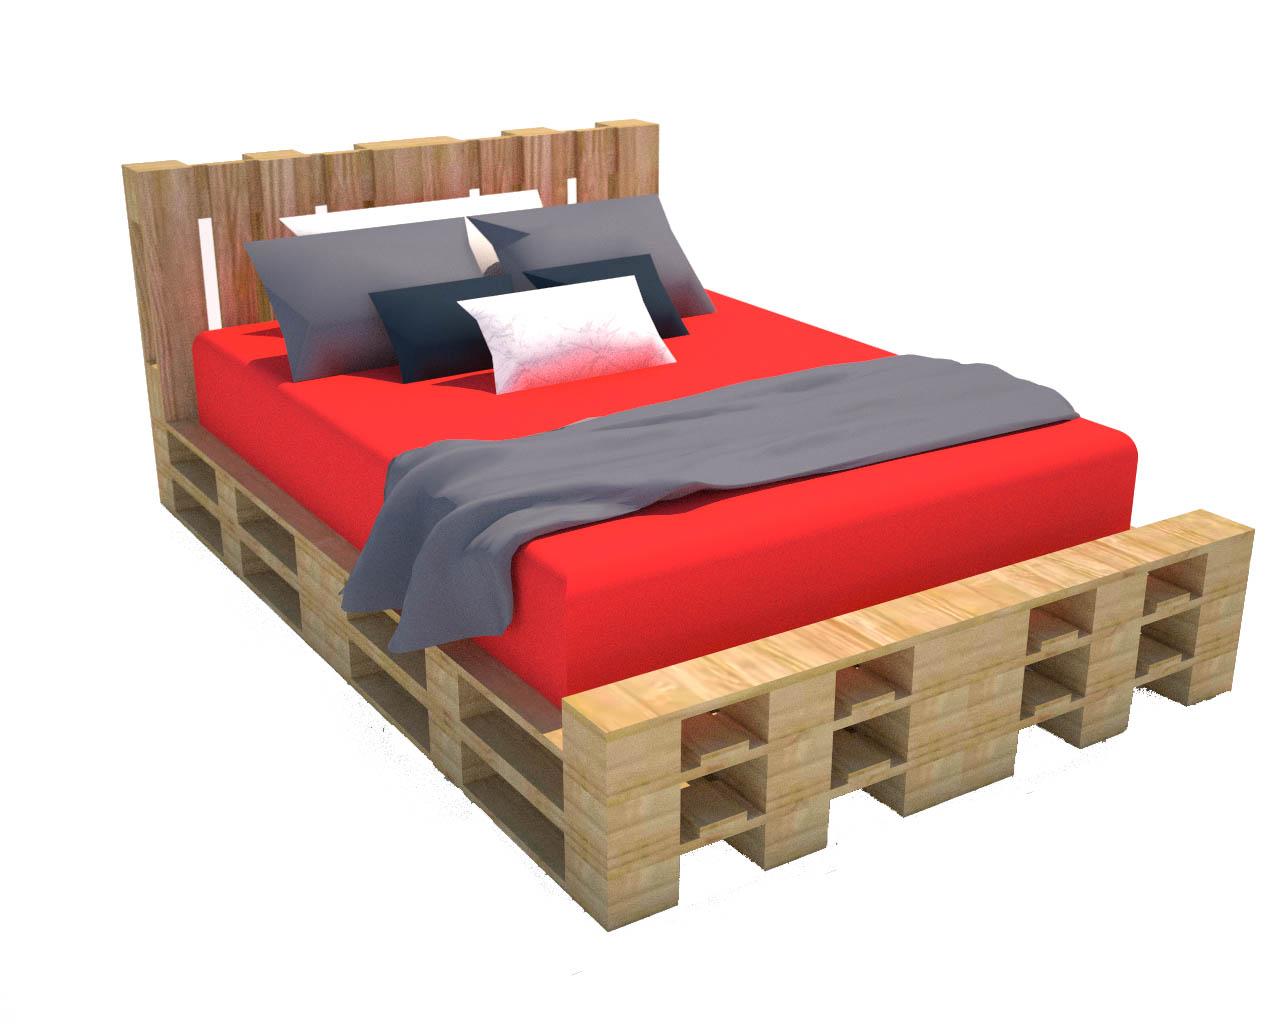 Progettare con i pallet come costruire un letto - Costruire letto ...